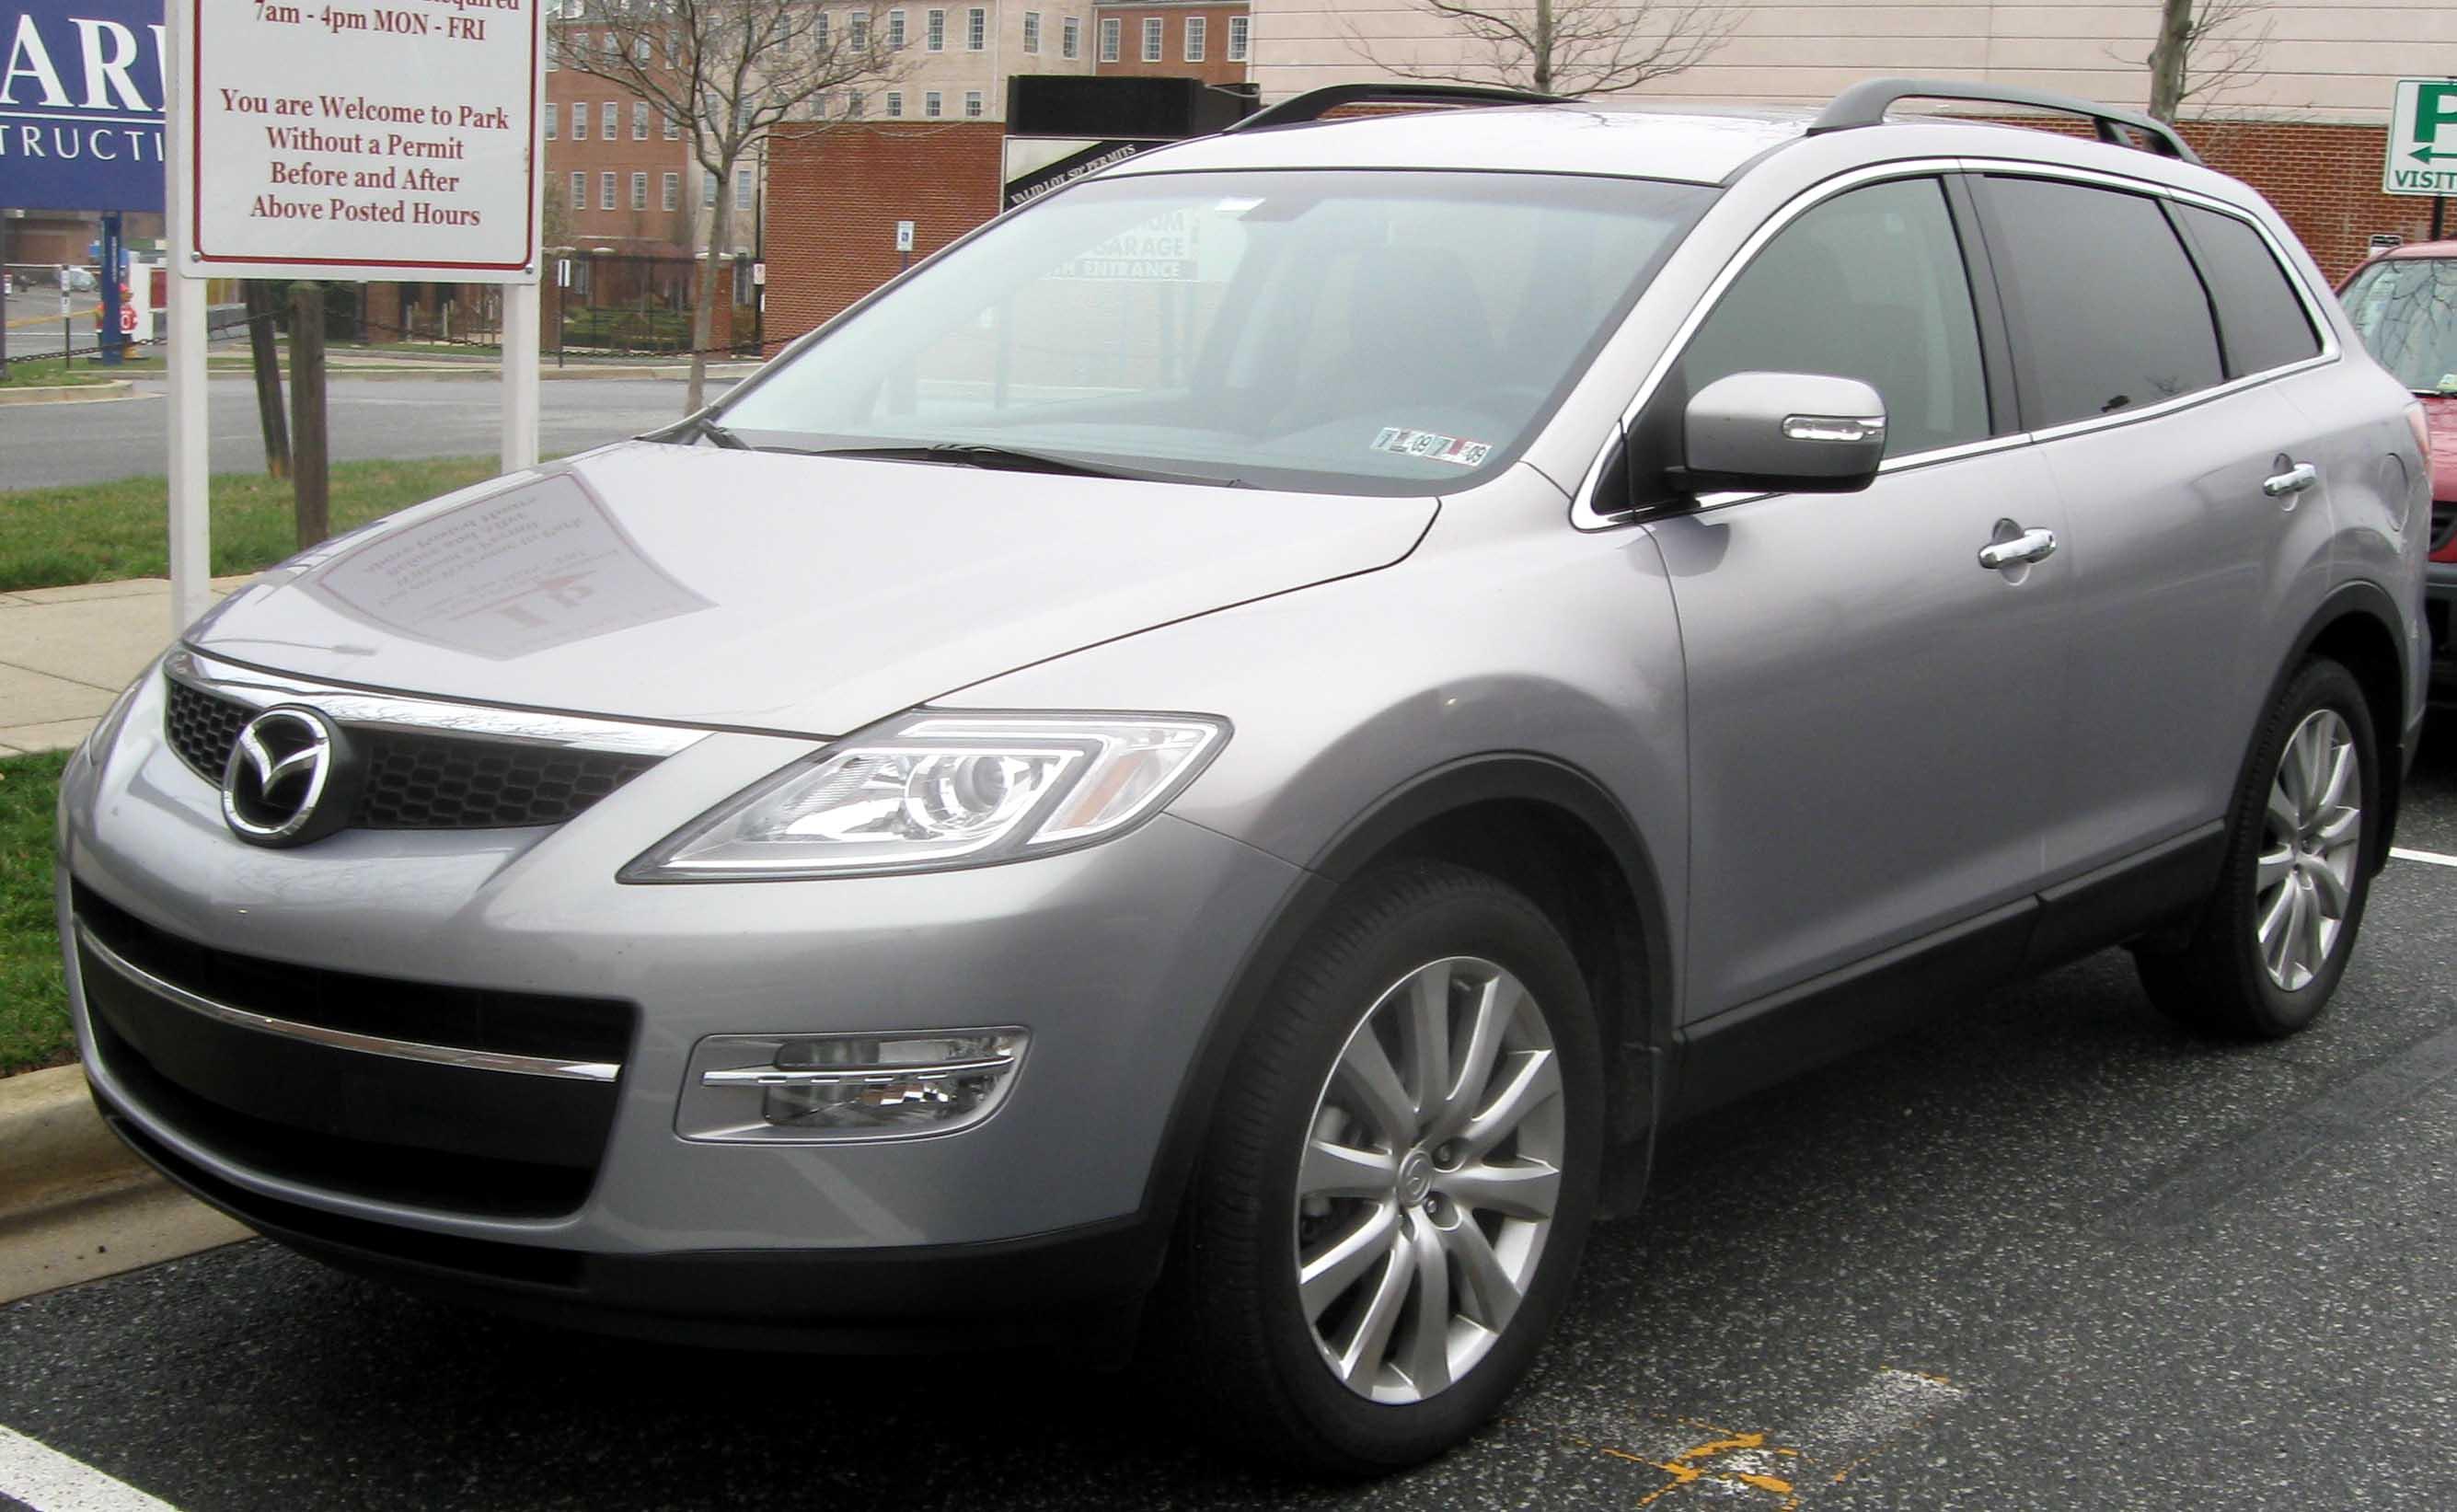 2009 Mazda Cx 9 Image 11